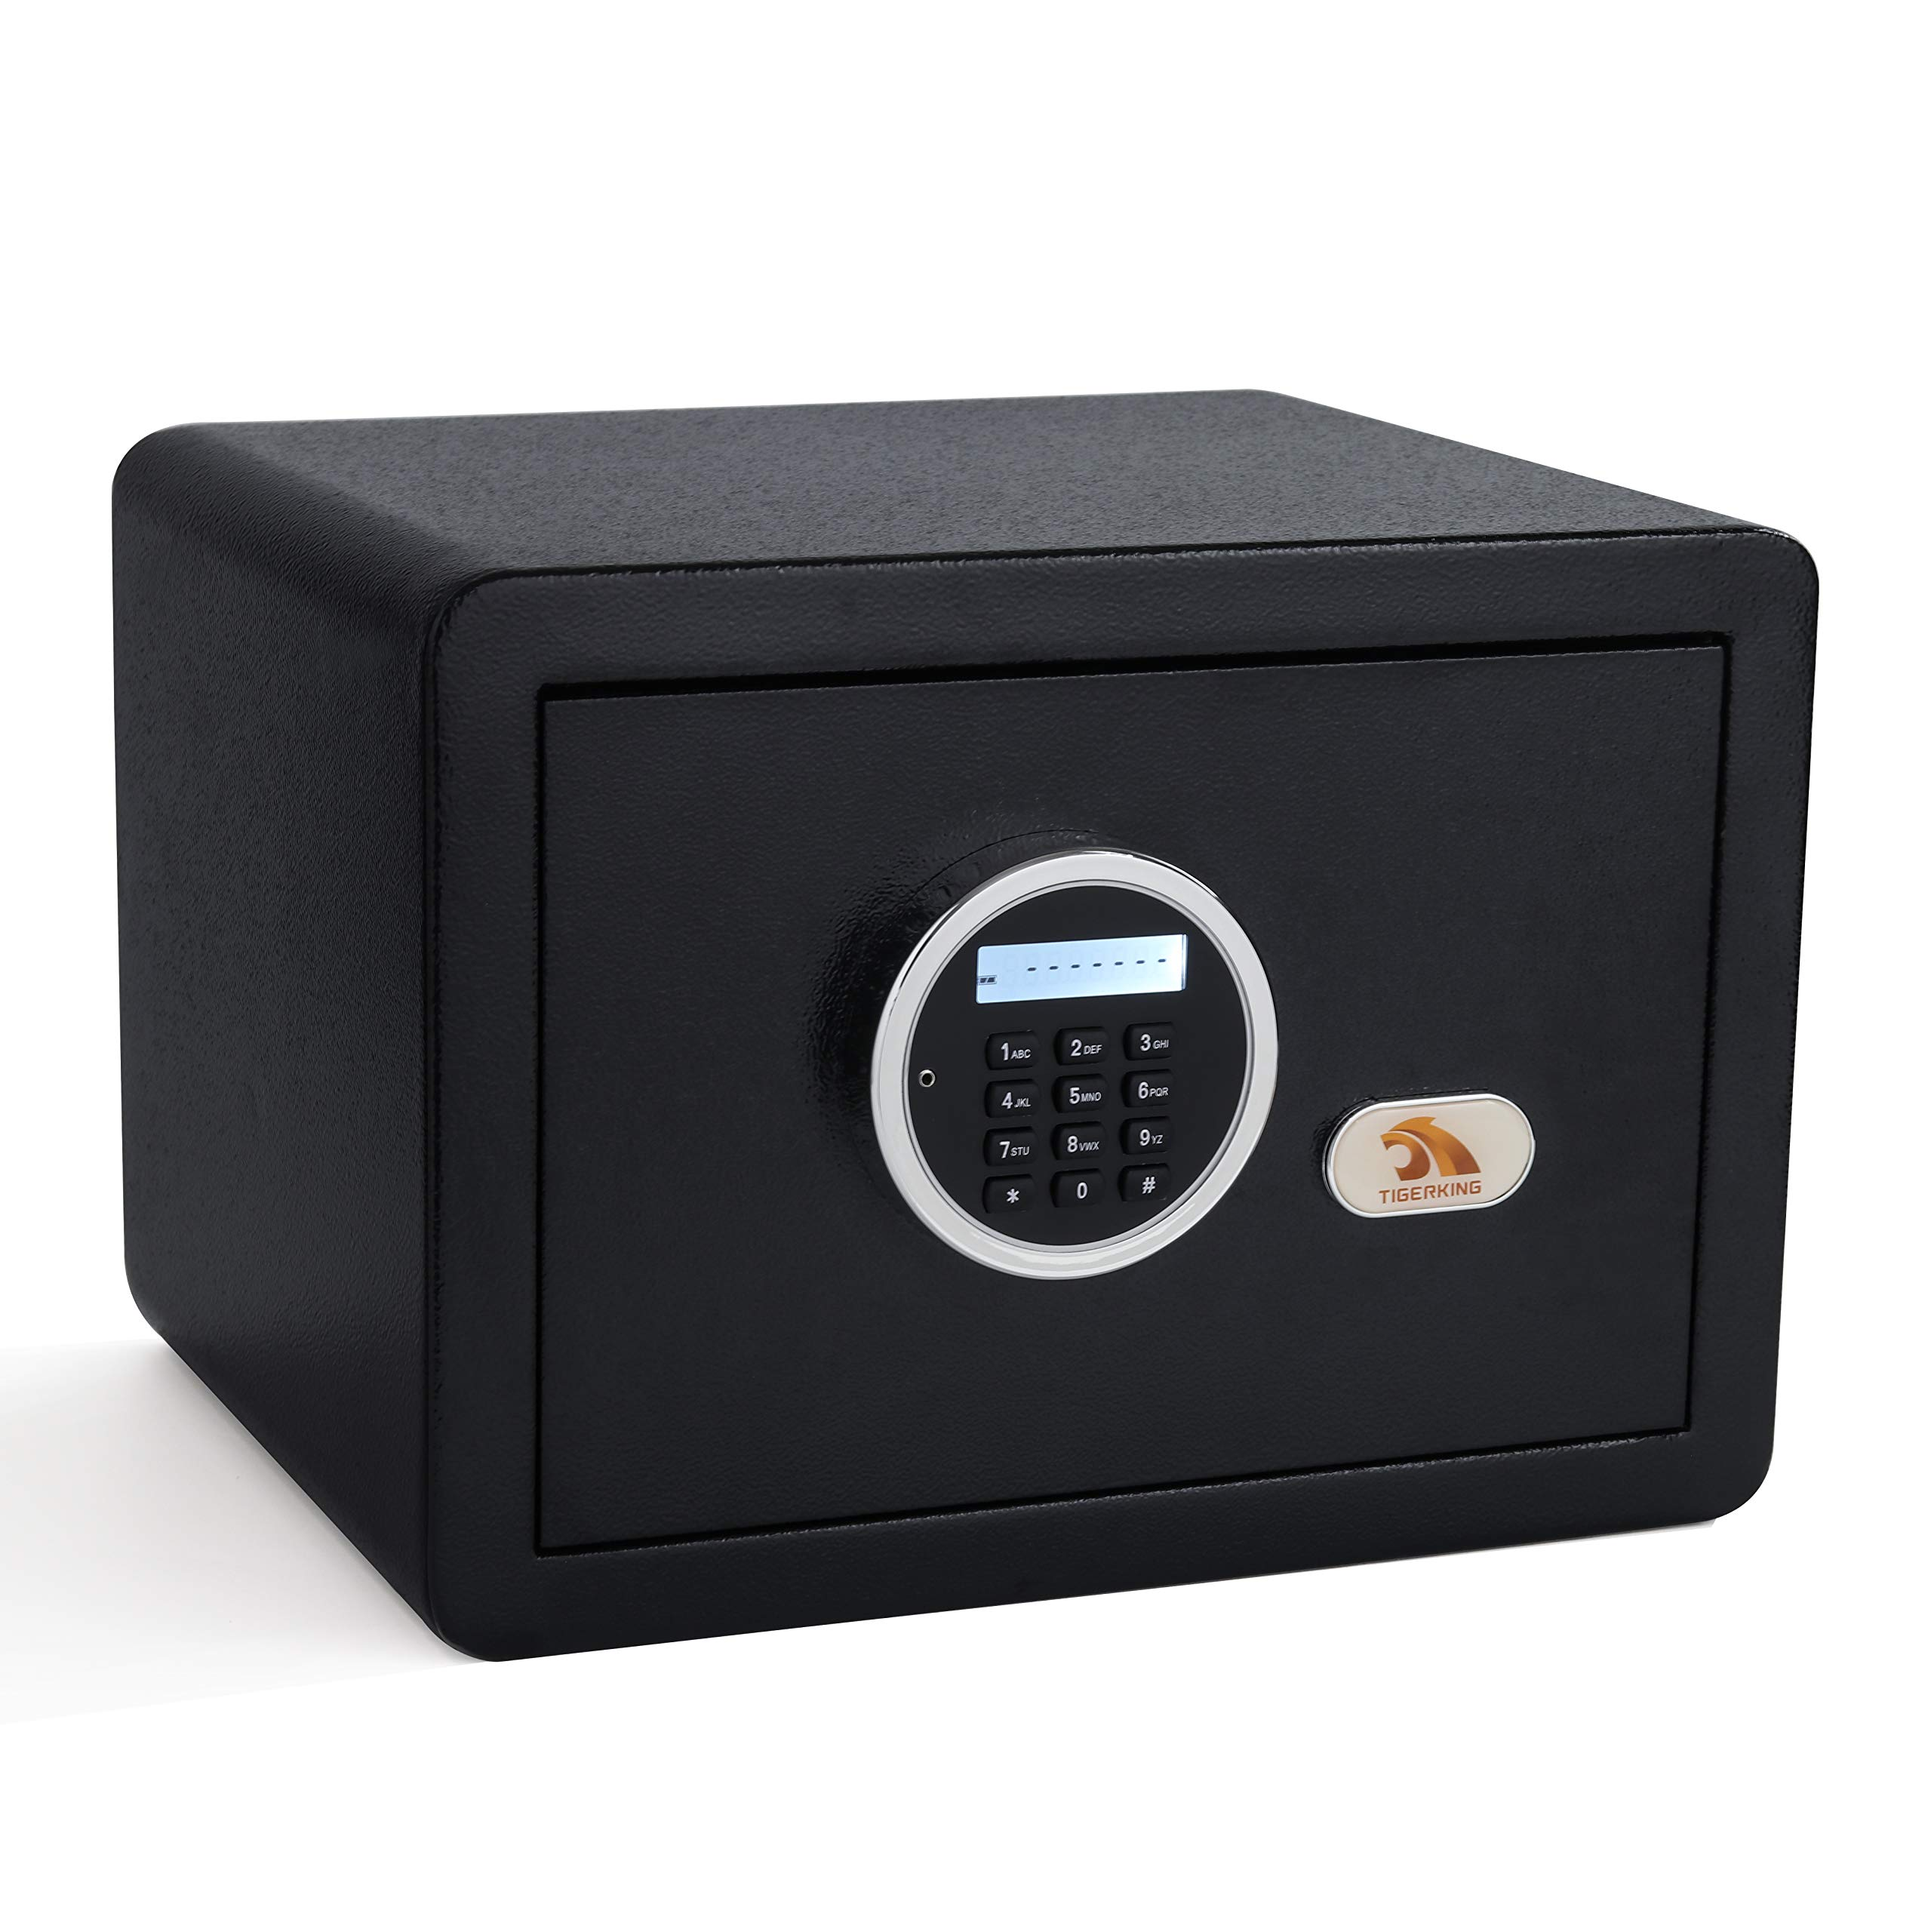 Digital Security Safe Box Fashion Black by TIGERKING